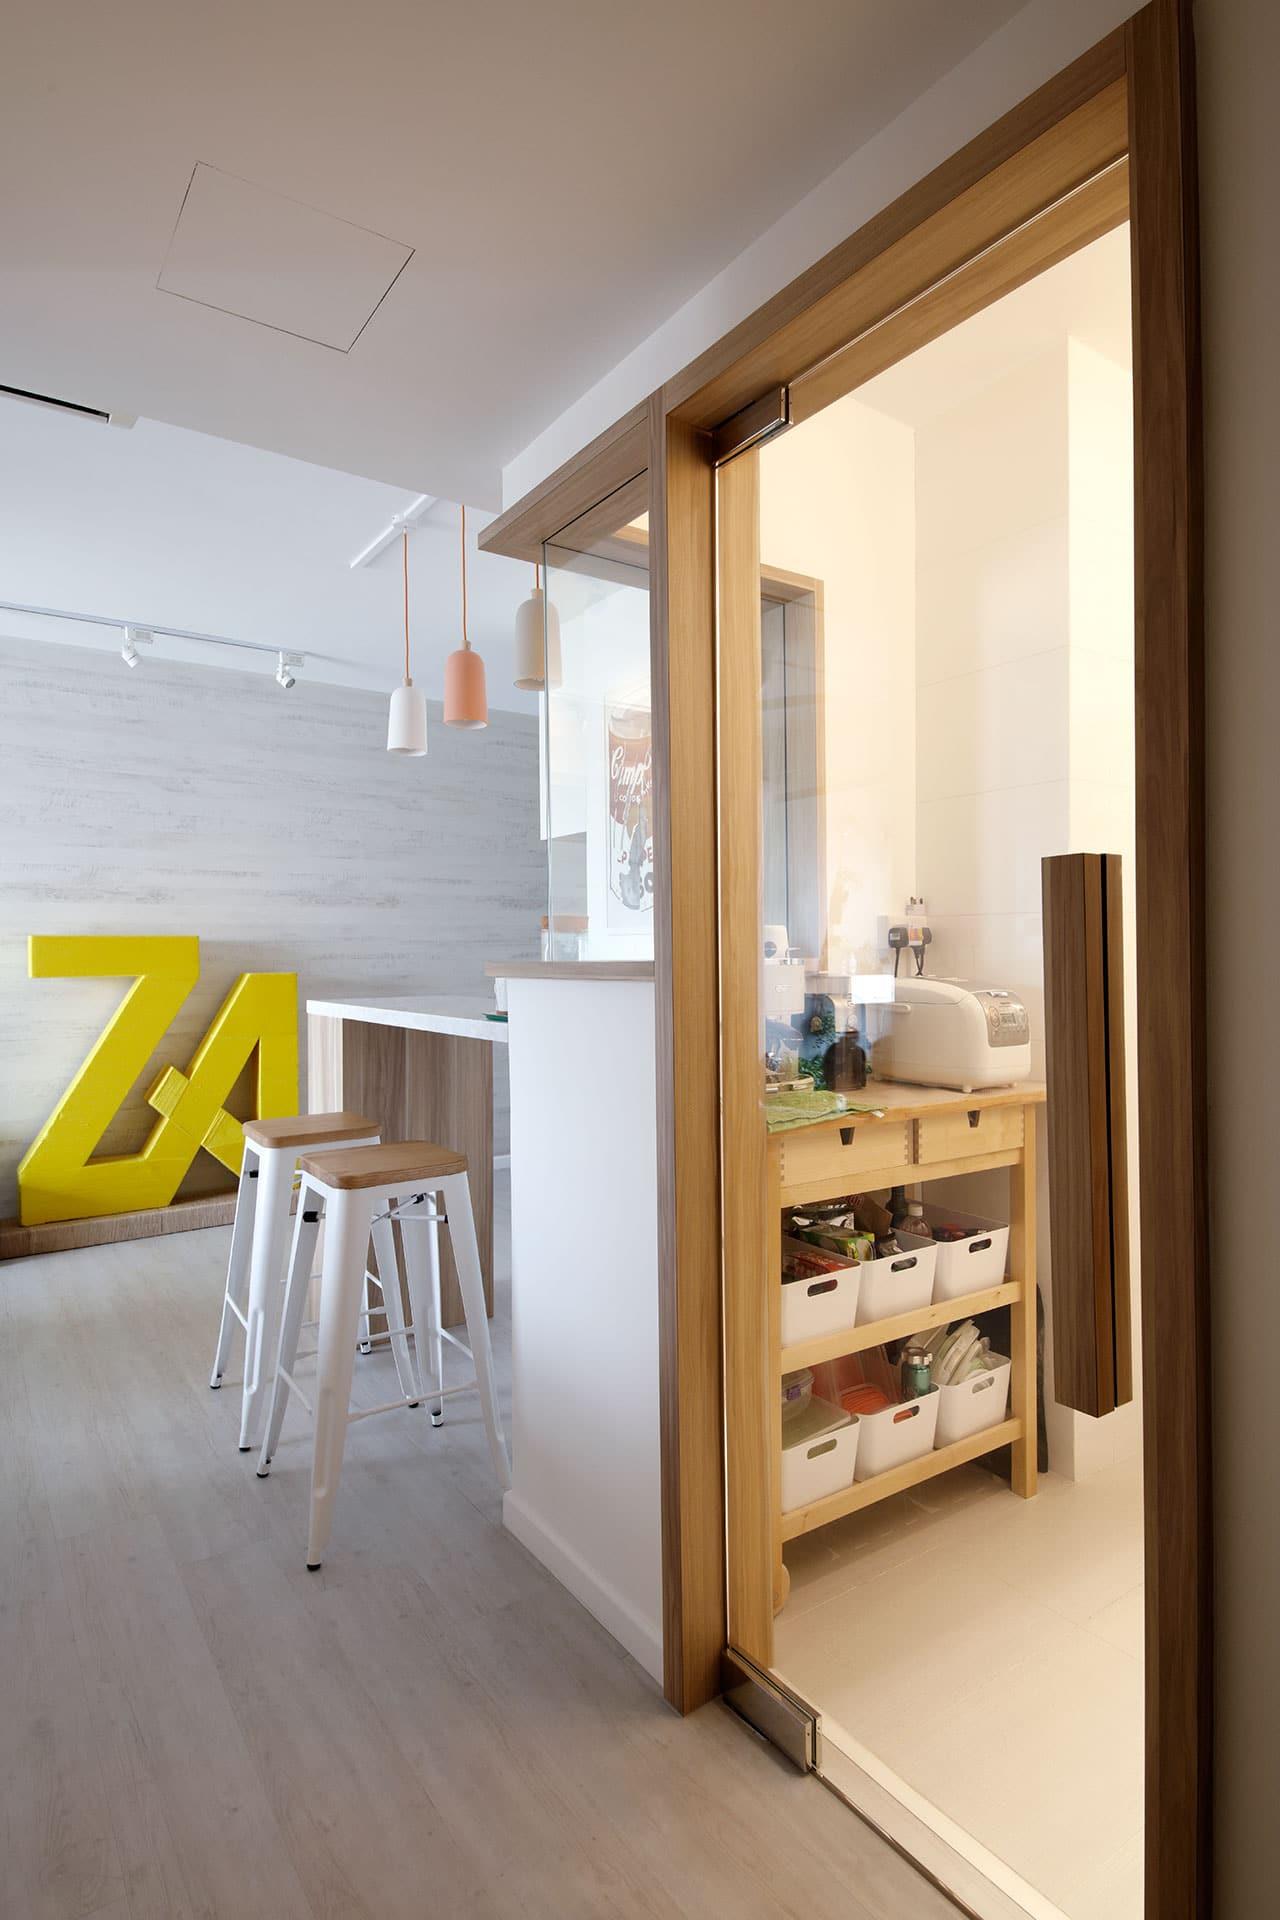 Best Free 3d Room Design Software: Home Room Interior Design And Custom Carpentry Singapore